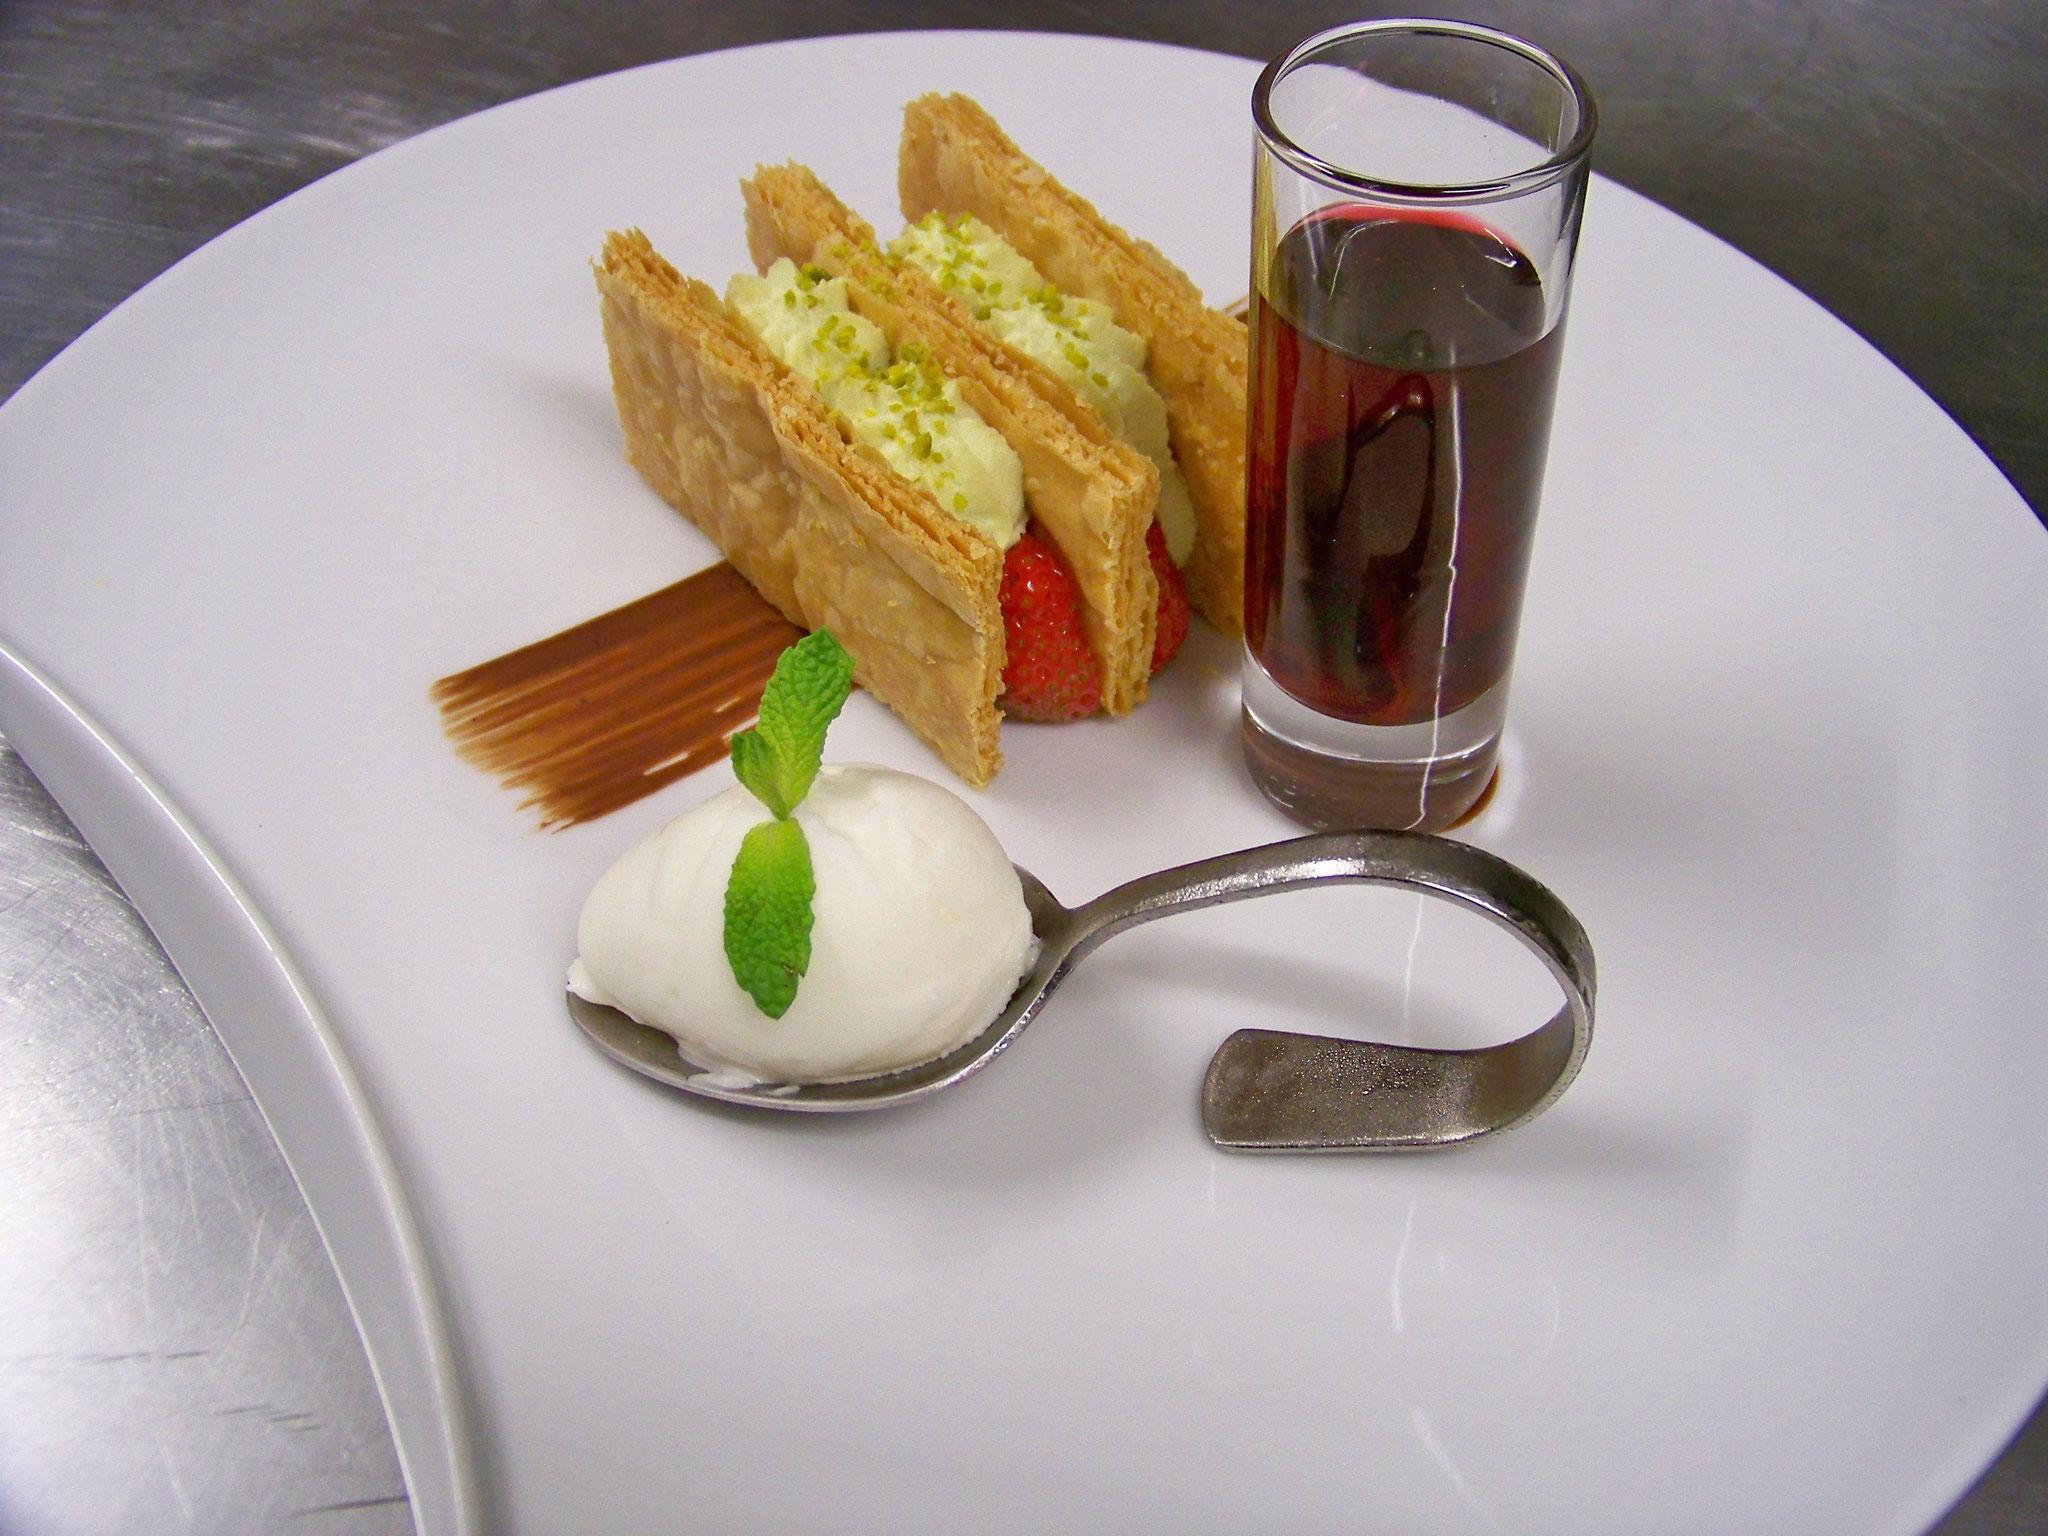 Galerie photos restaurant la toupine brive la gaillarde - Cuisine brive la gaillarde ...